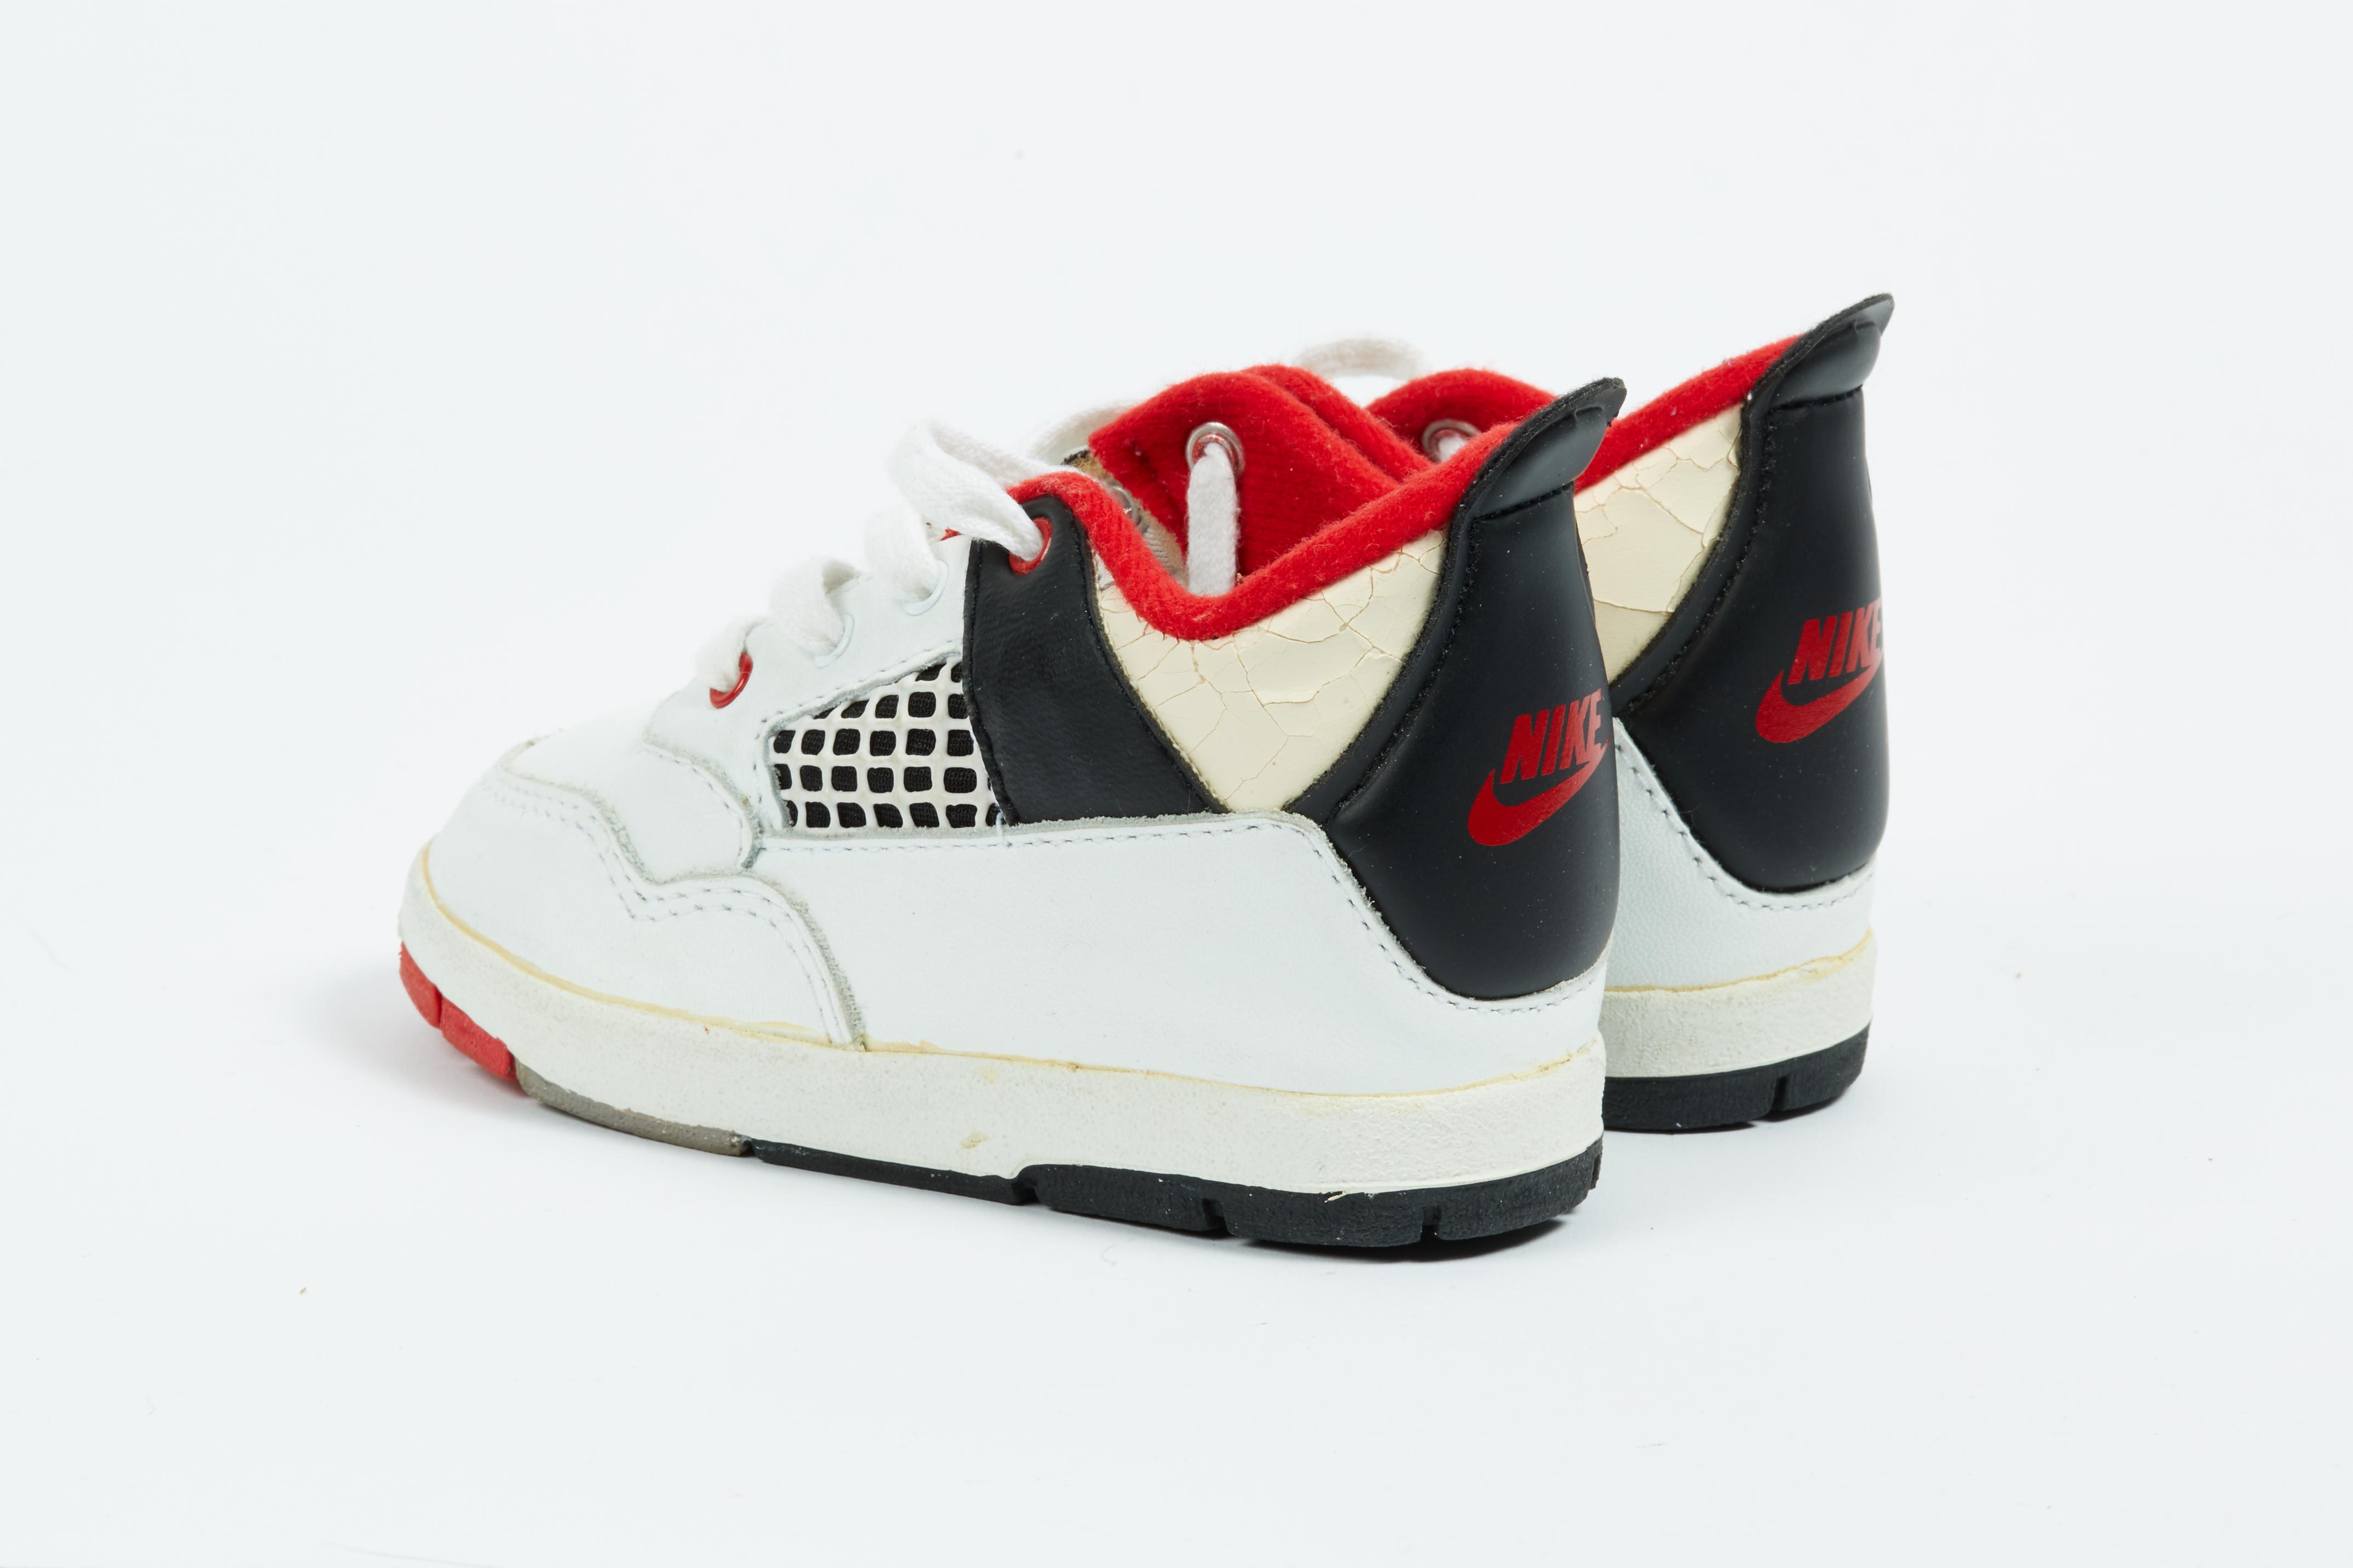 Vintage 1989 Baby Jordan IV - Shoes Your Vintage